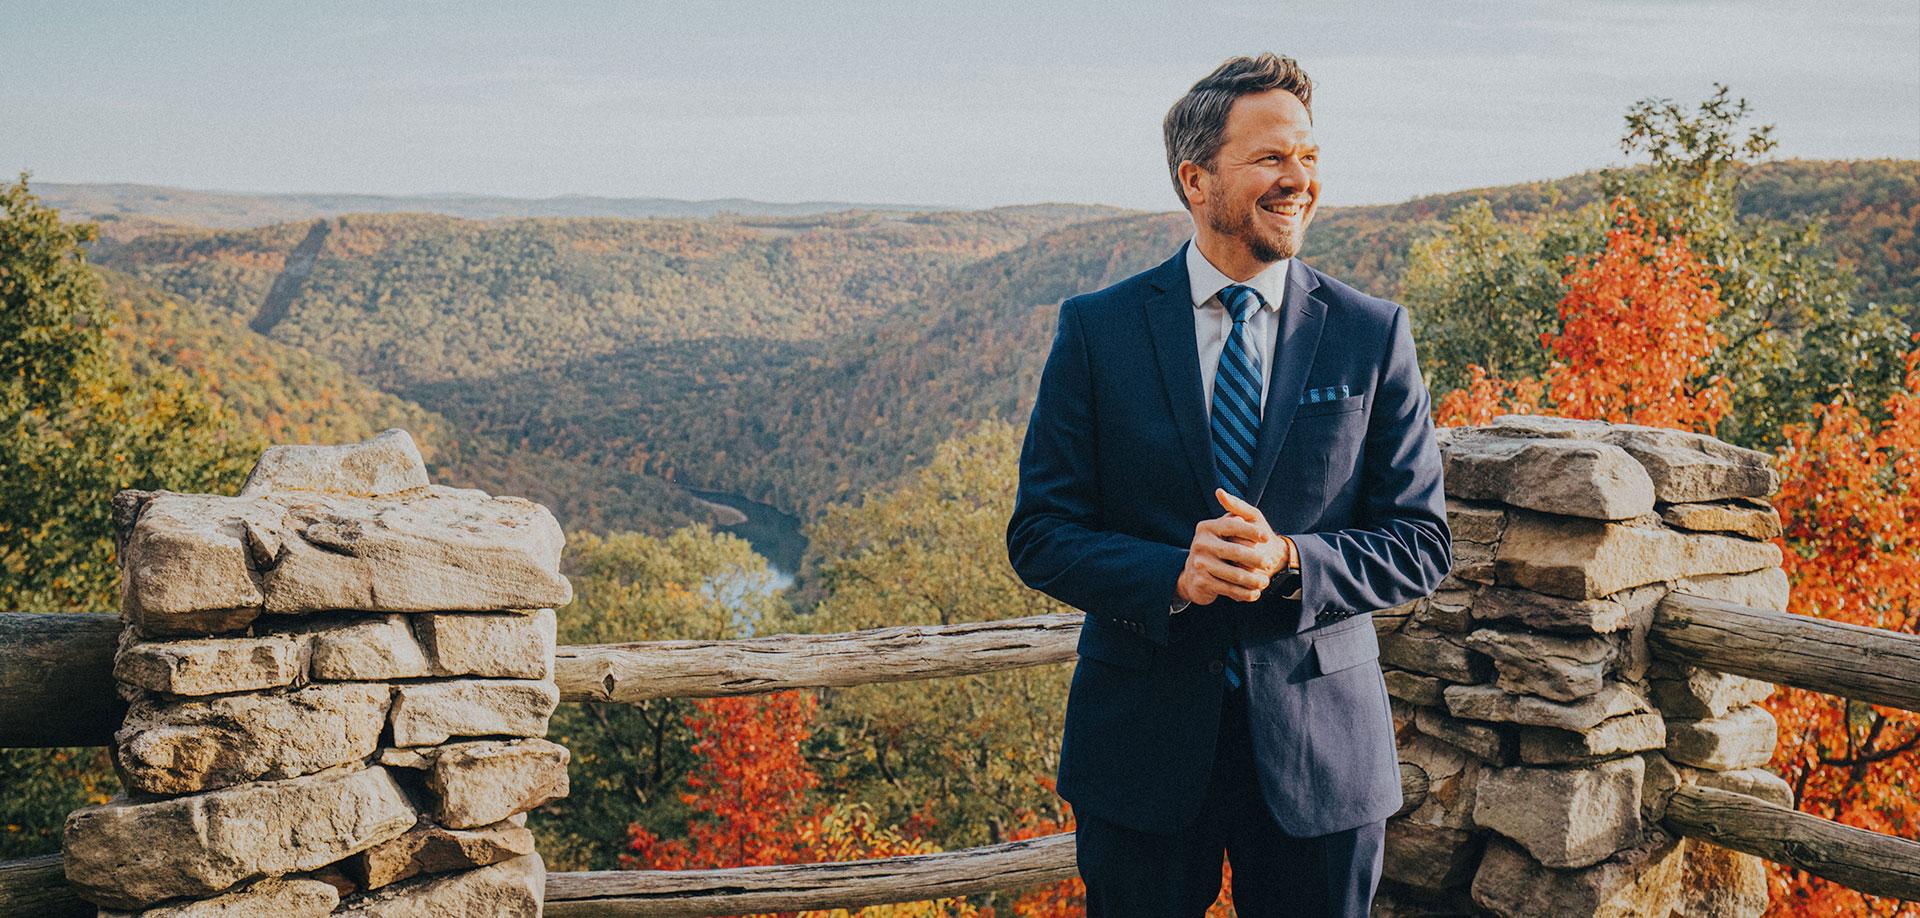 Overlook on West Virginia Mountainside